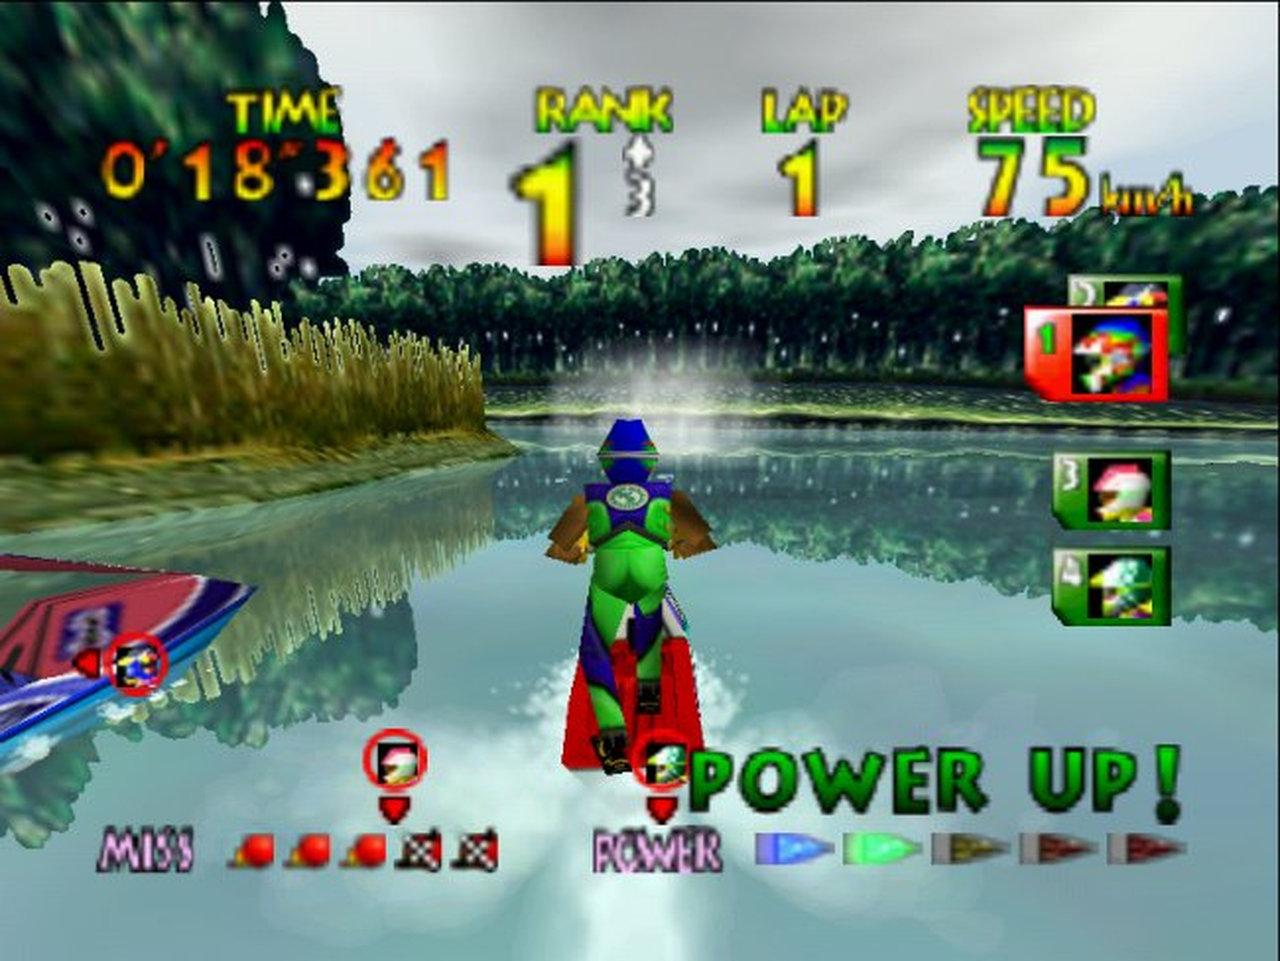 Wenn ich die gelungene Wasserspiegelung sehe (das Spiel stammt immerhin aus 1996) hätte ich große Lust es wieder einmal zu spielen. (BIld: Nintendo)